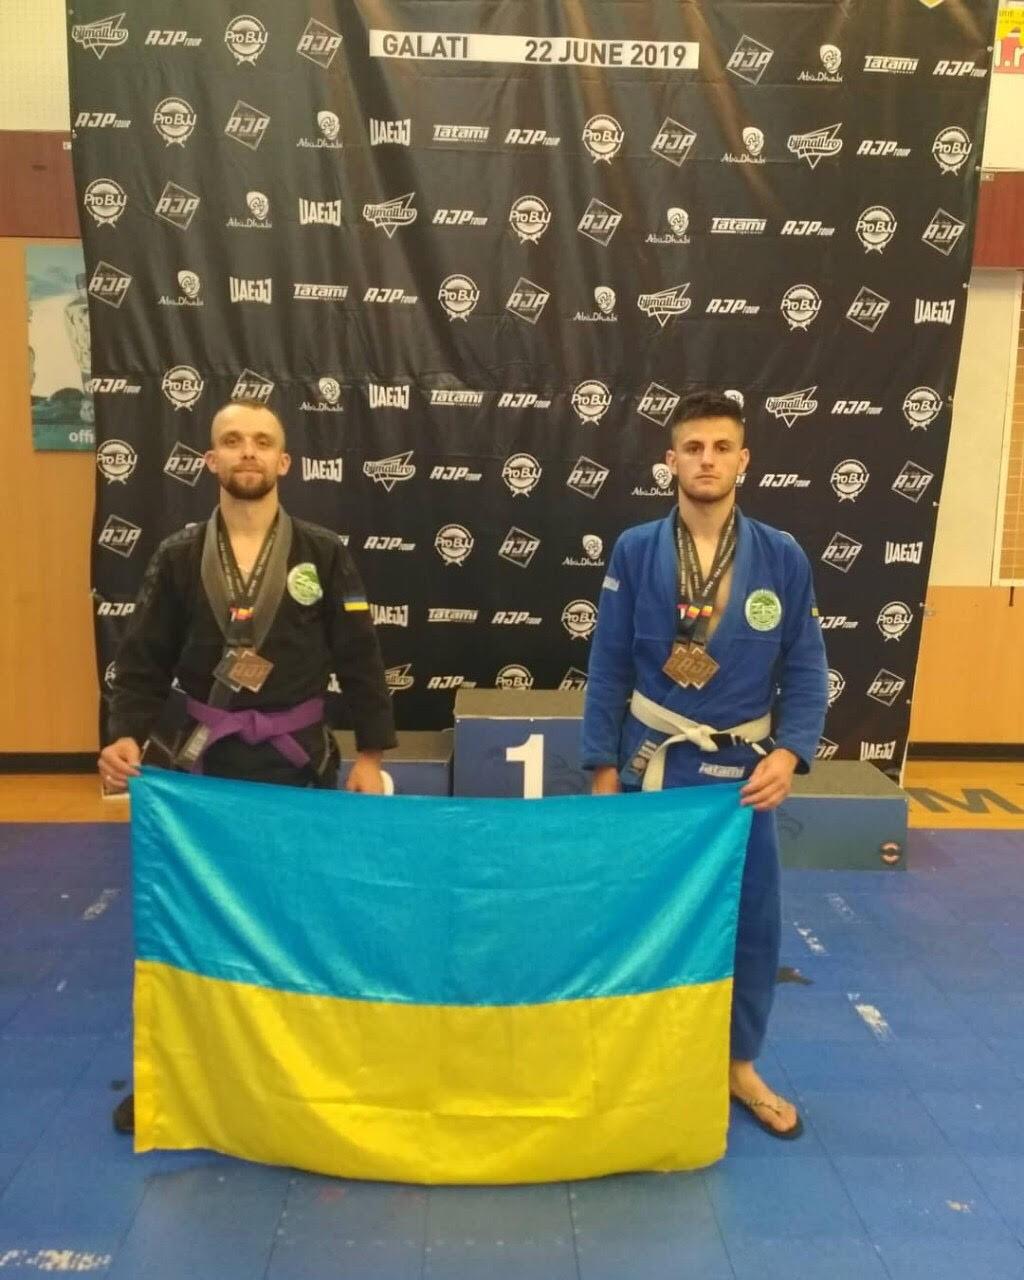 Франківець Анатолій Розвадовський здобув два золота на Міжнародному чемпіонаті з бразильського джіу-джитсу 2